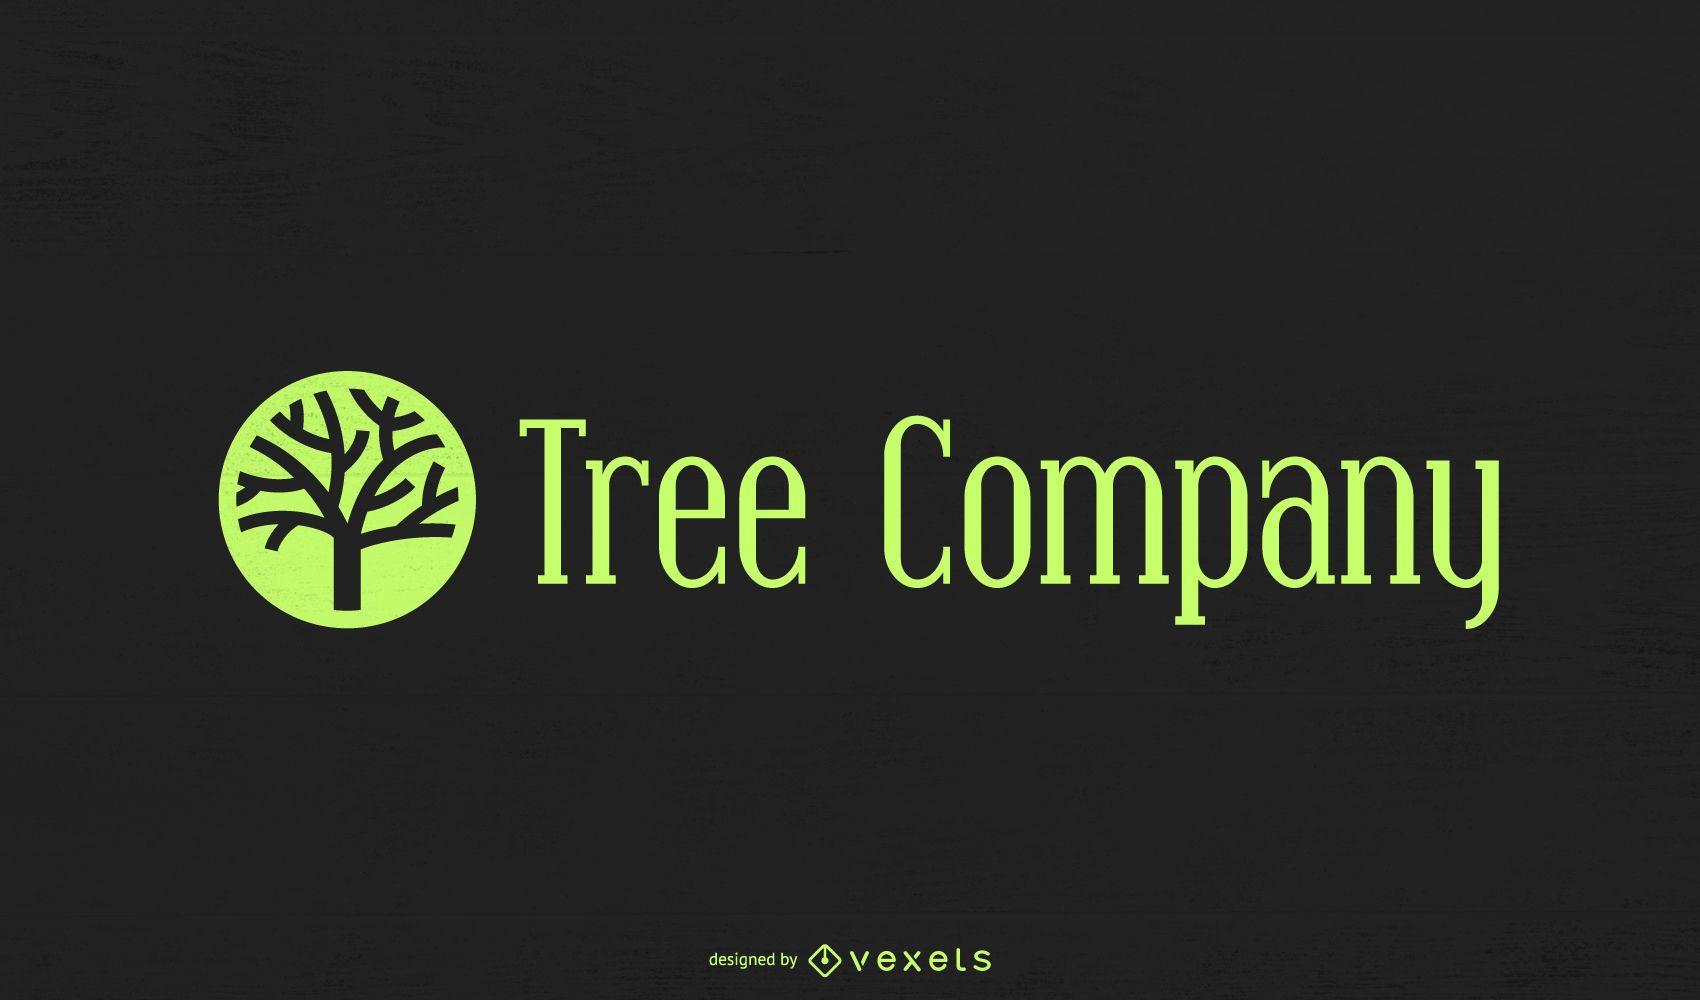 Tree company logo template